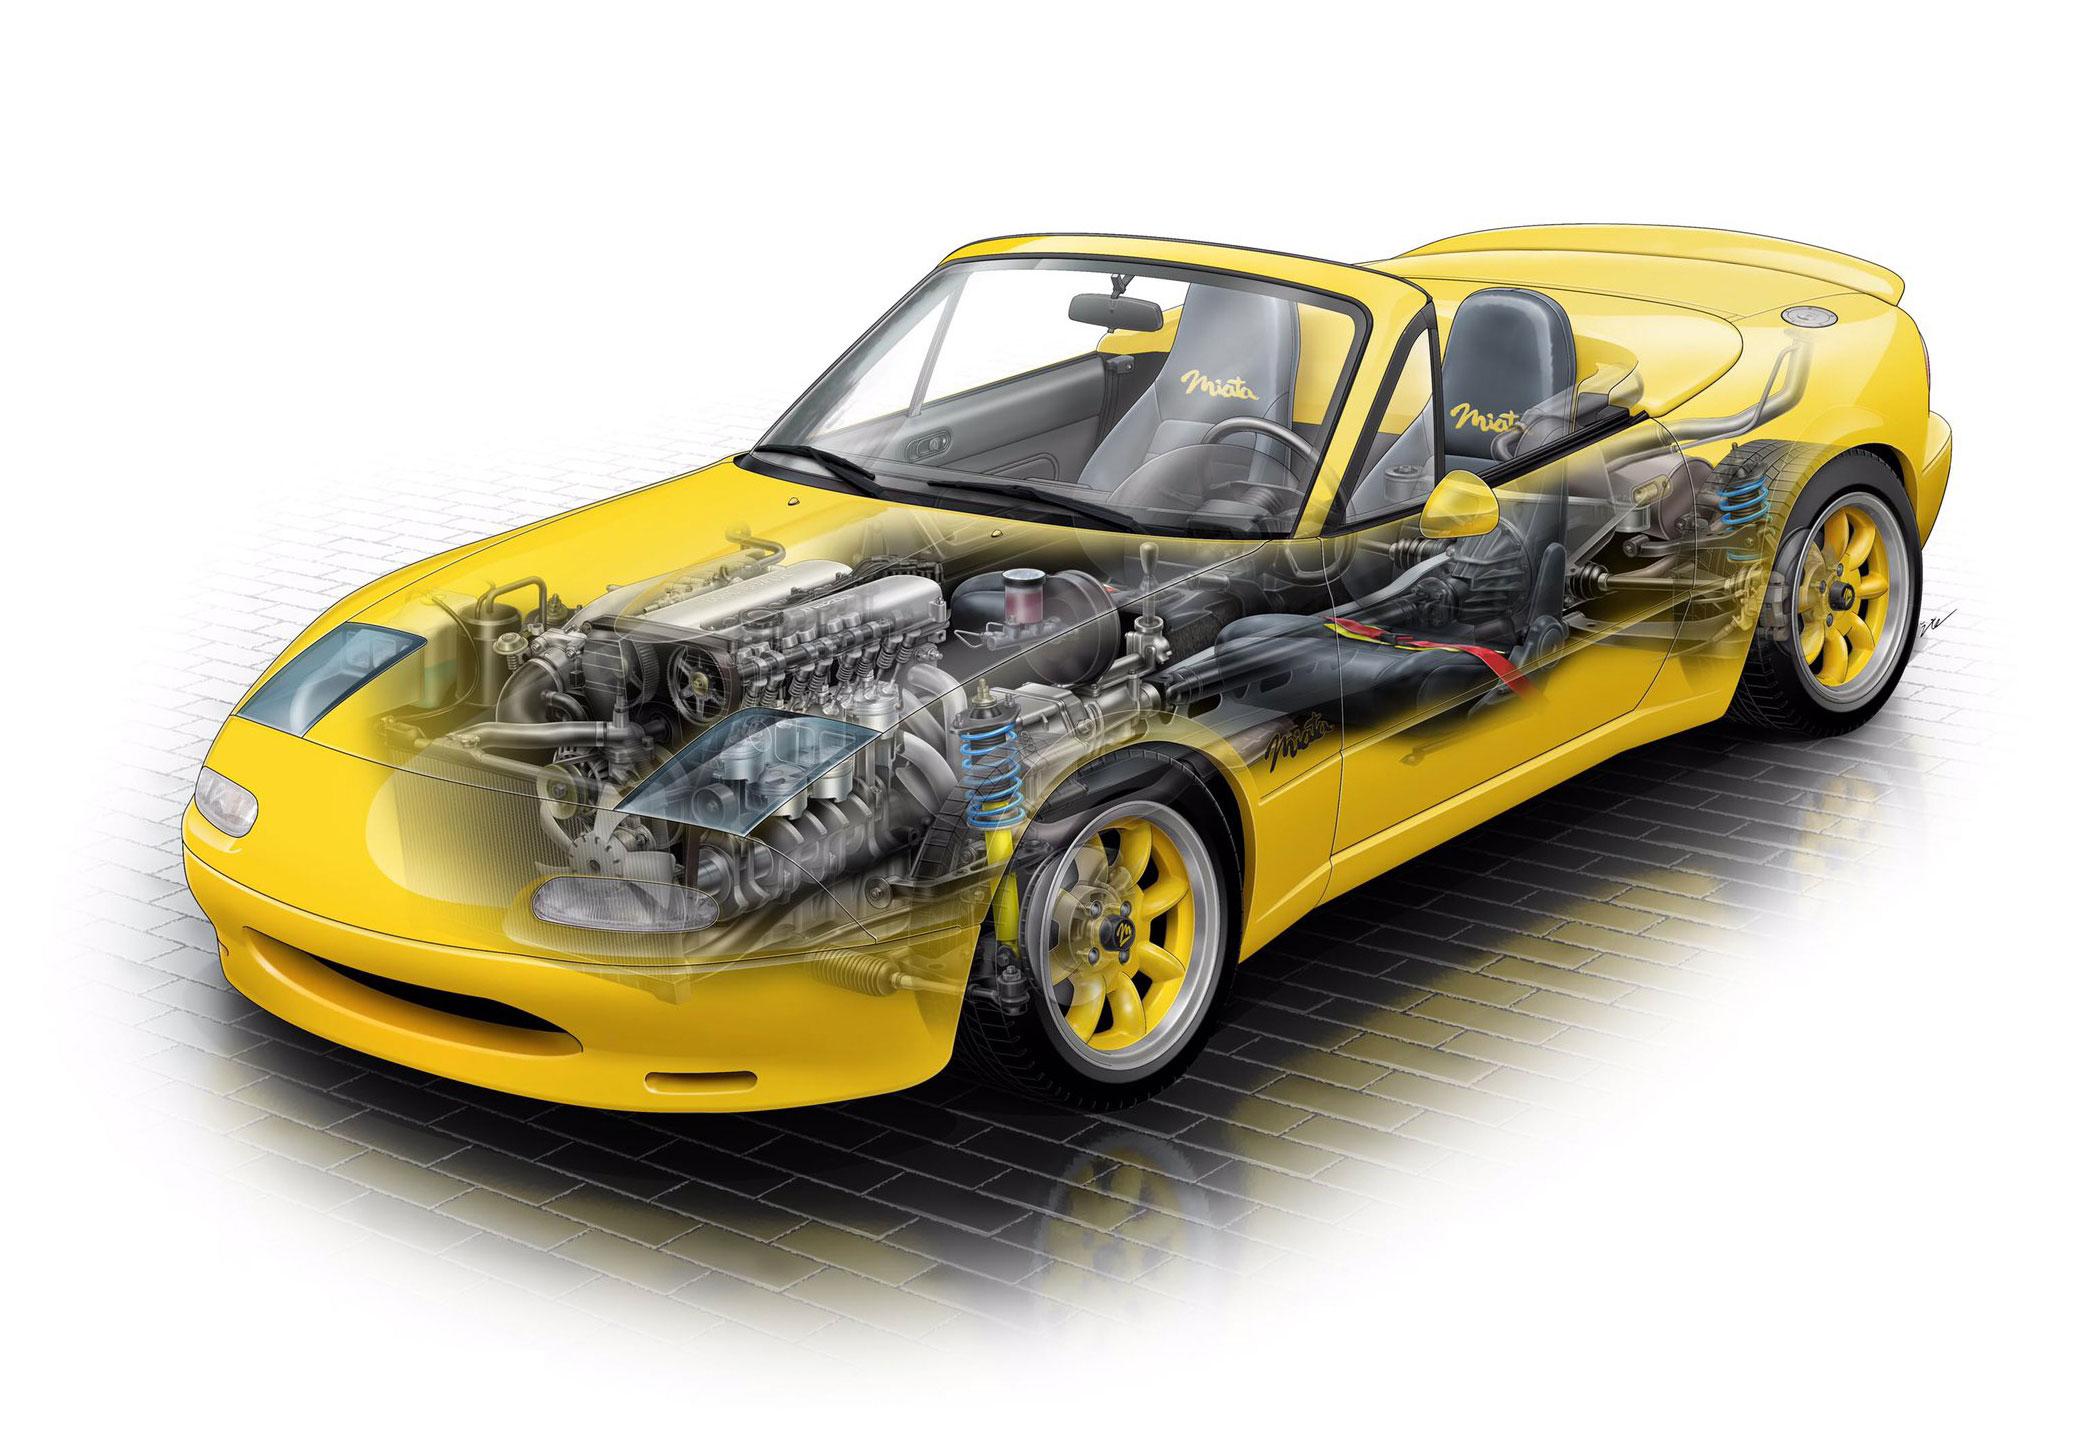 Mazda Club Sport Concept cutaway drawing